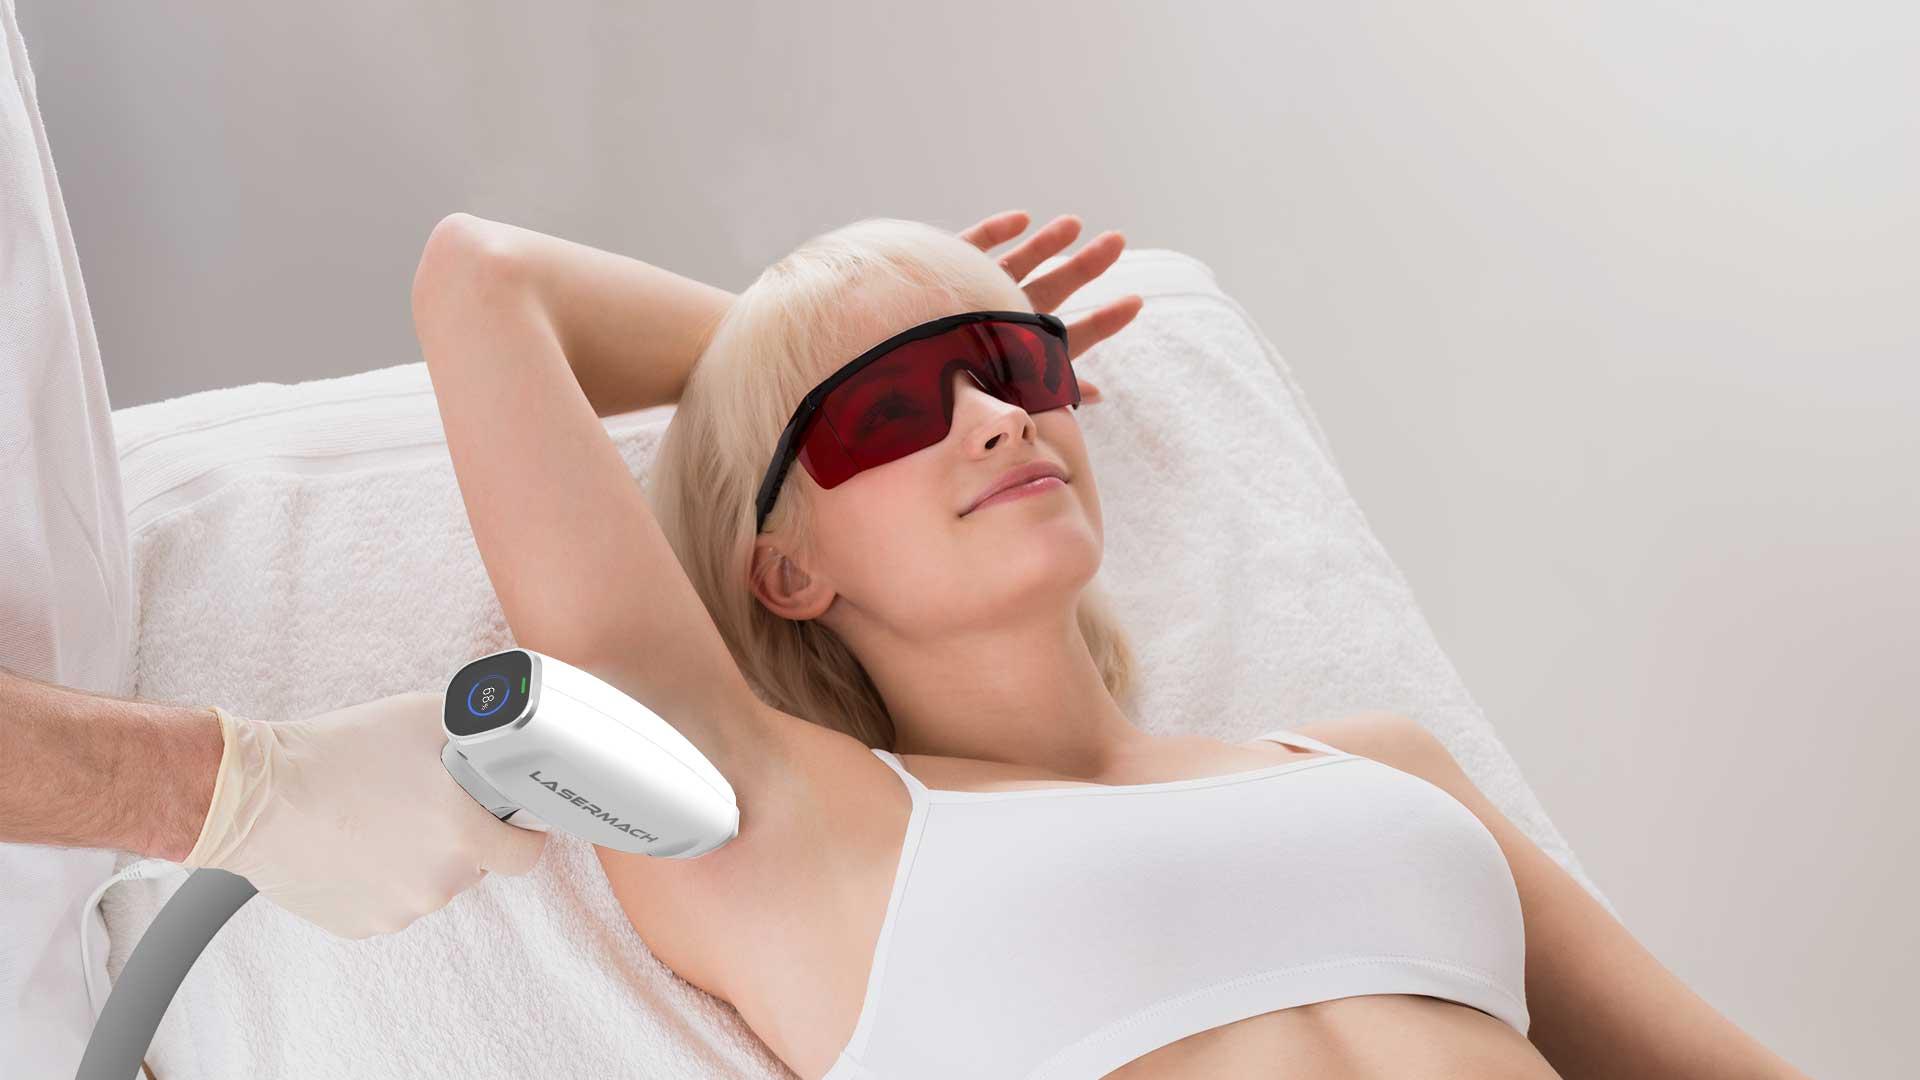 máy triệt lông lasermach pro 3 bước sóng